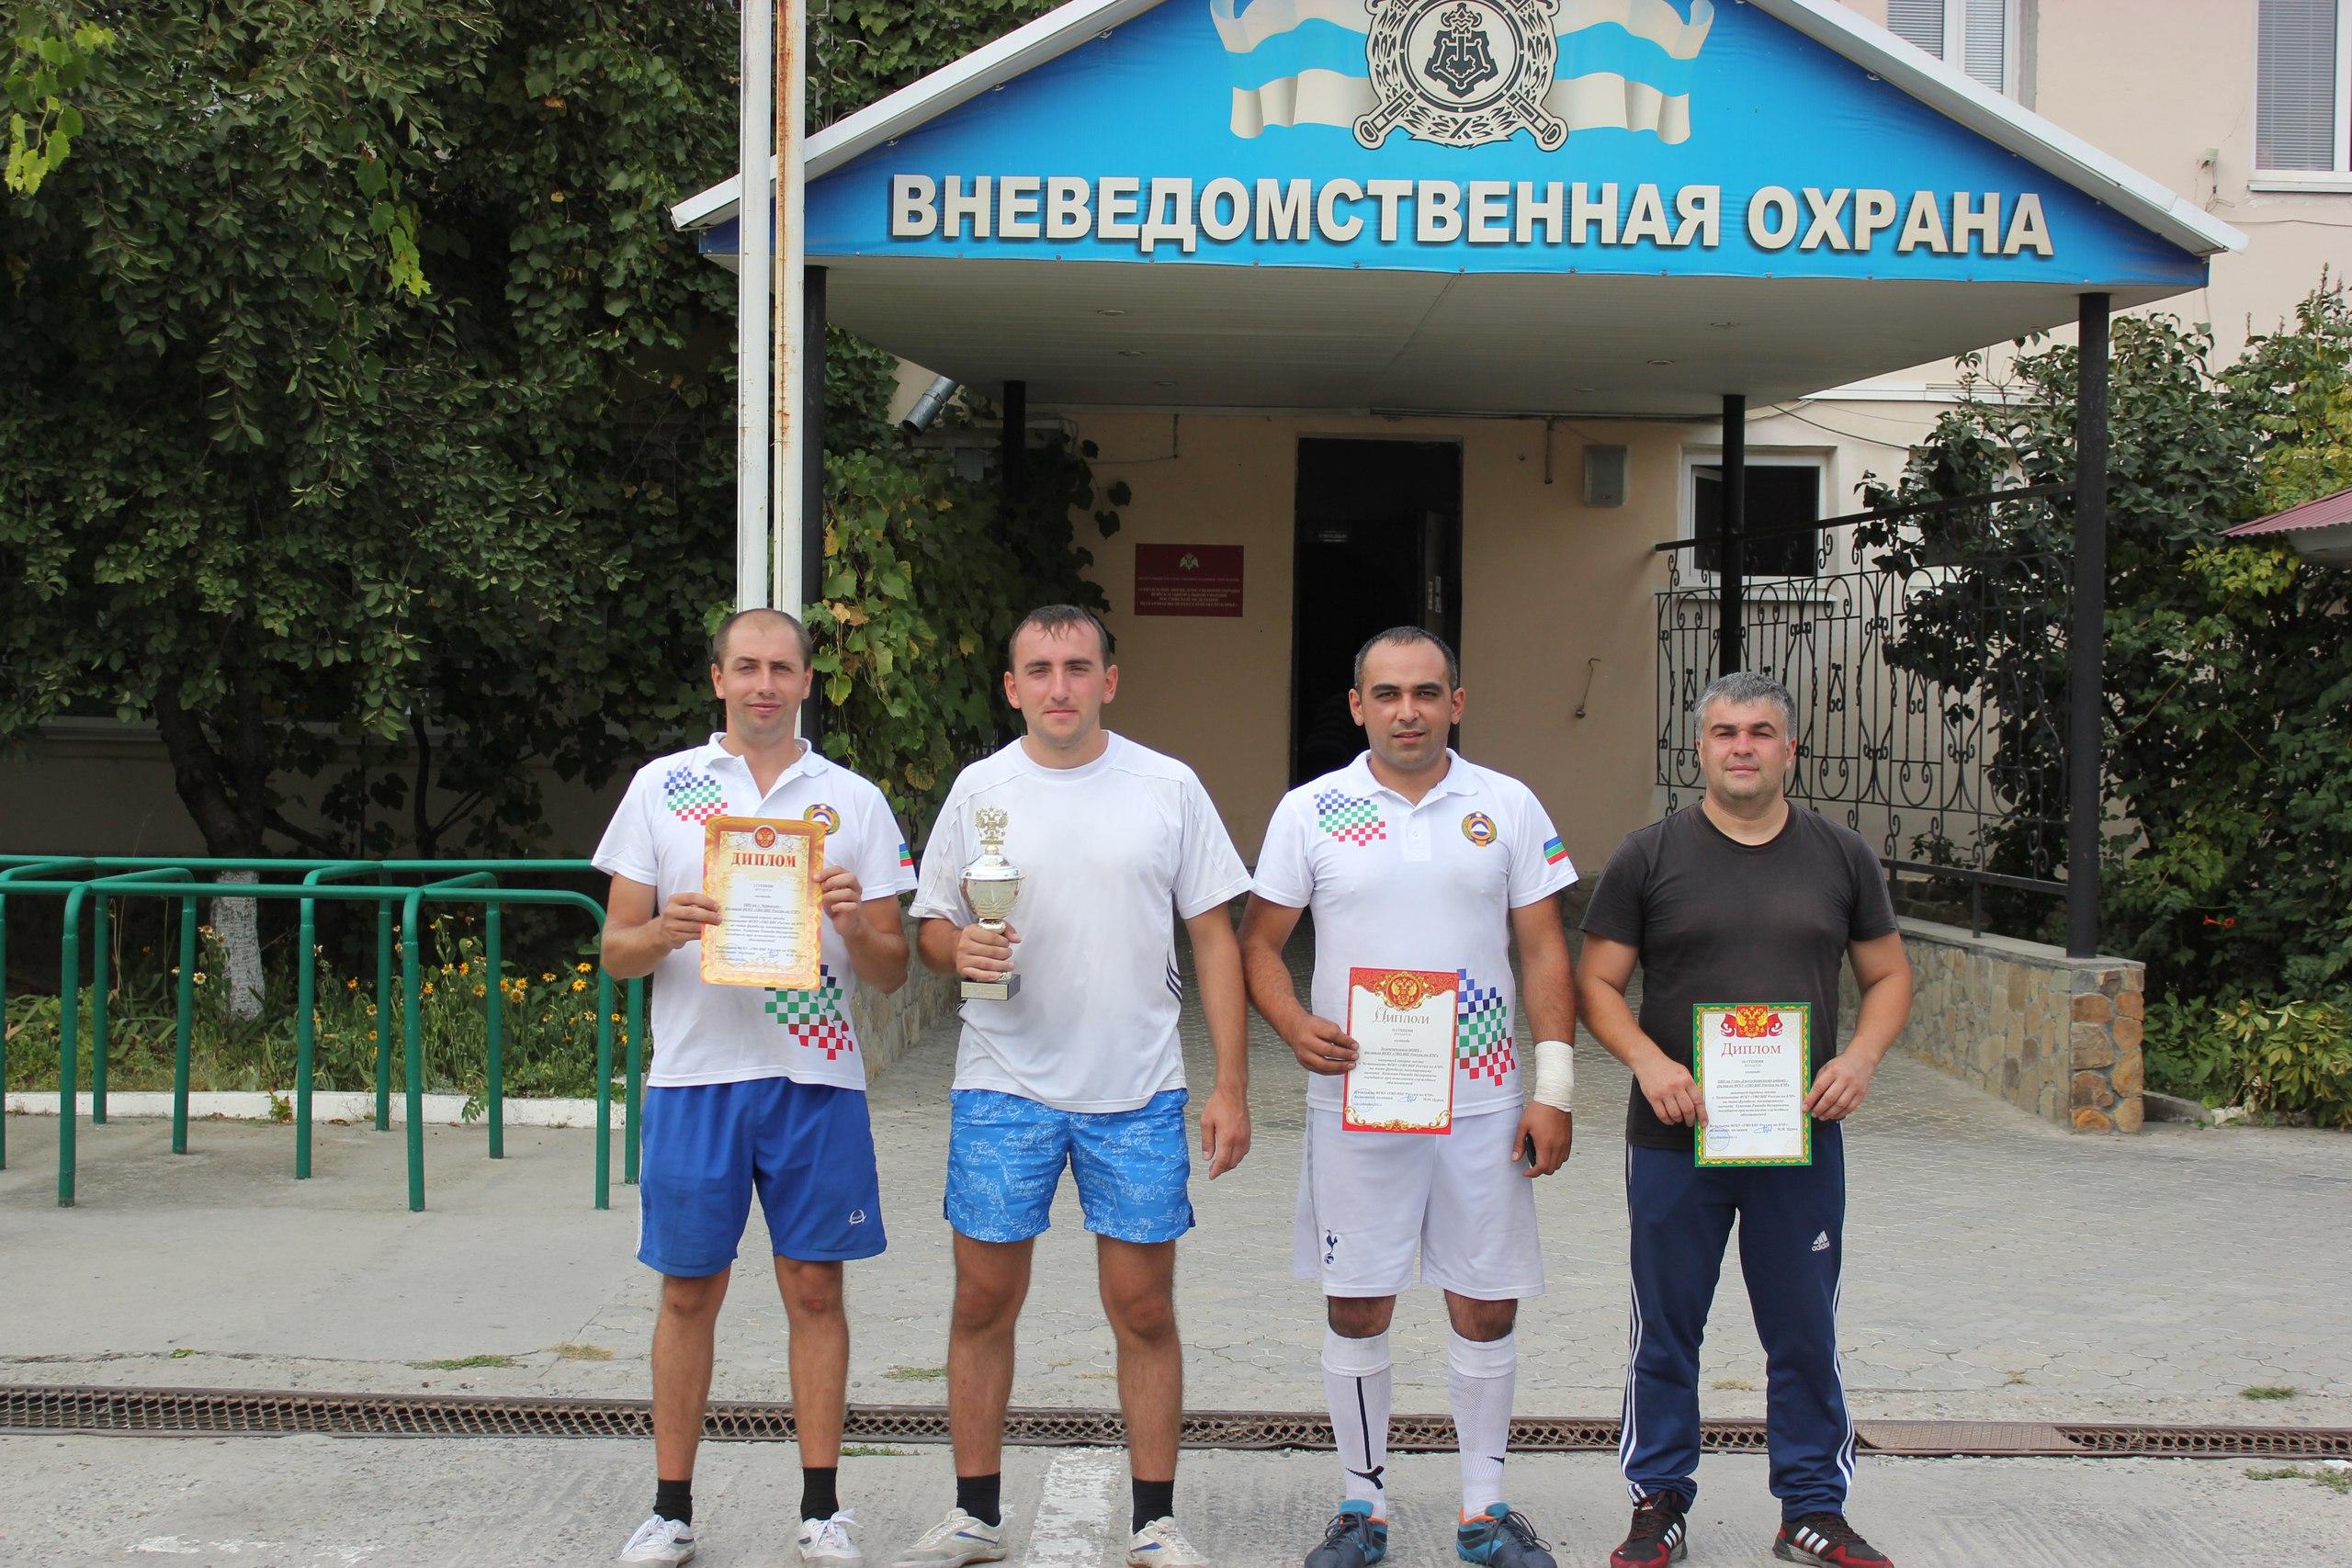 Росгвардейцы из Зеленчукского района призеры чемпионата по мини - футболу